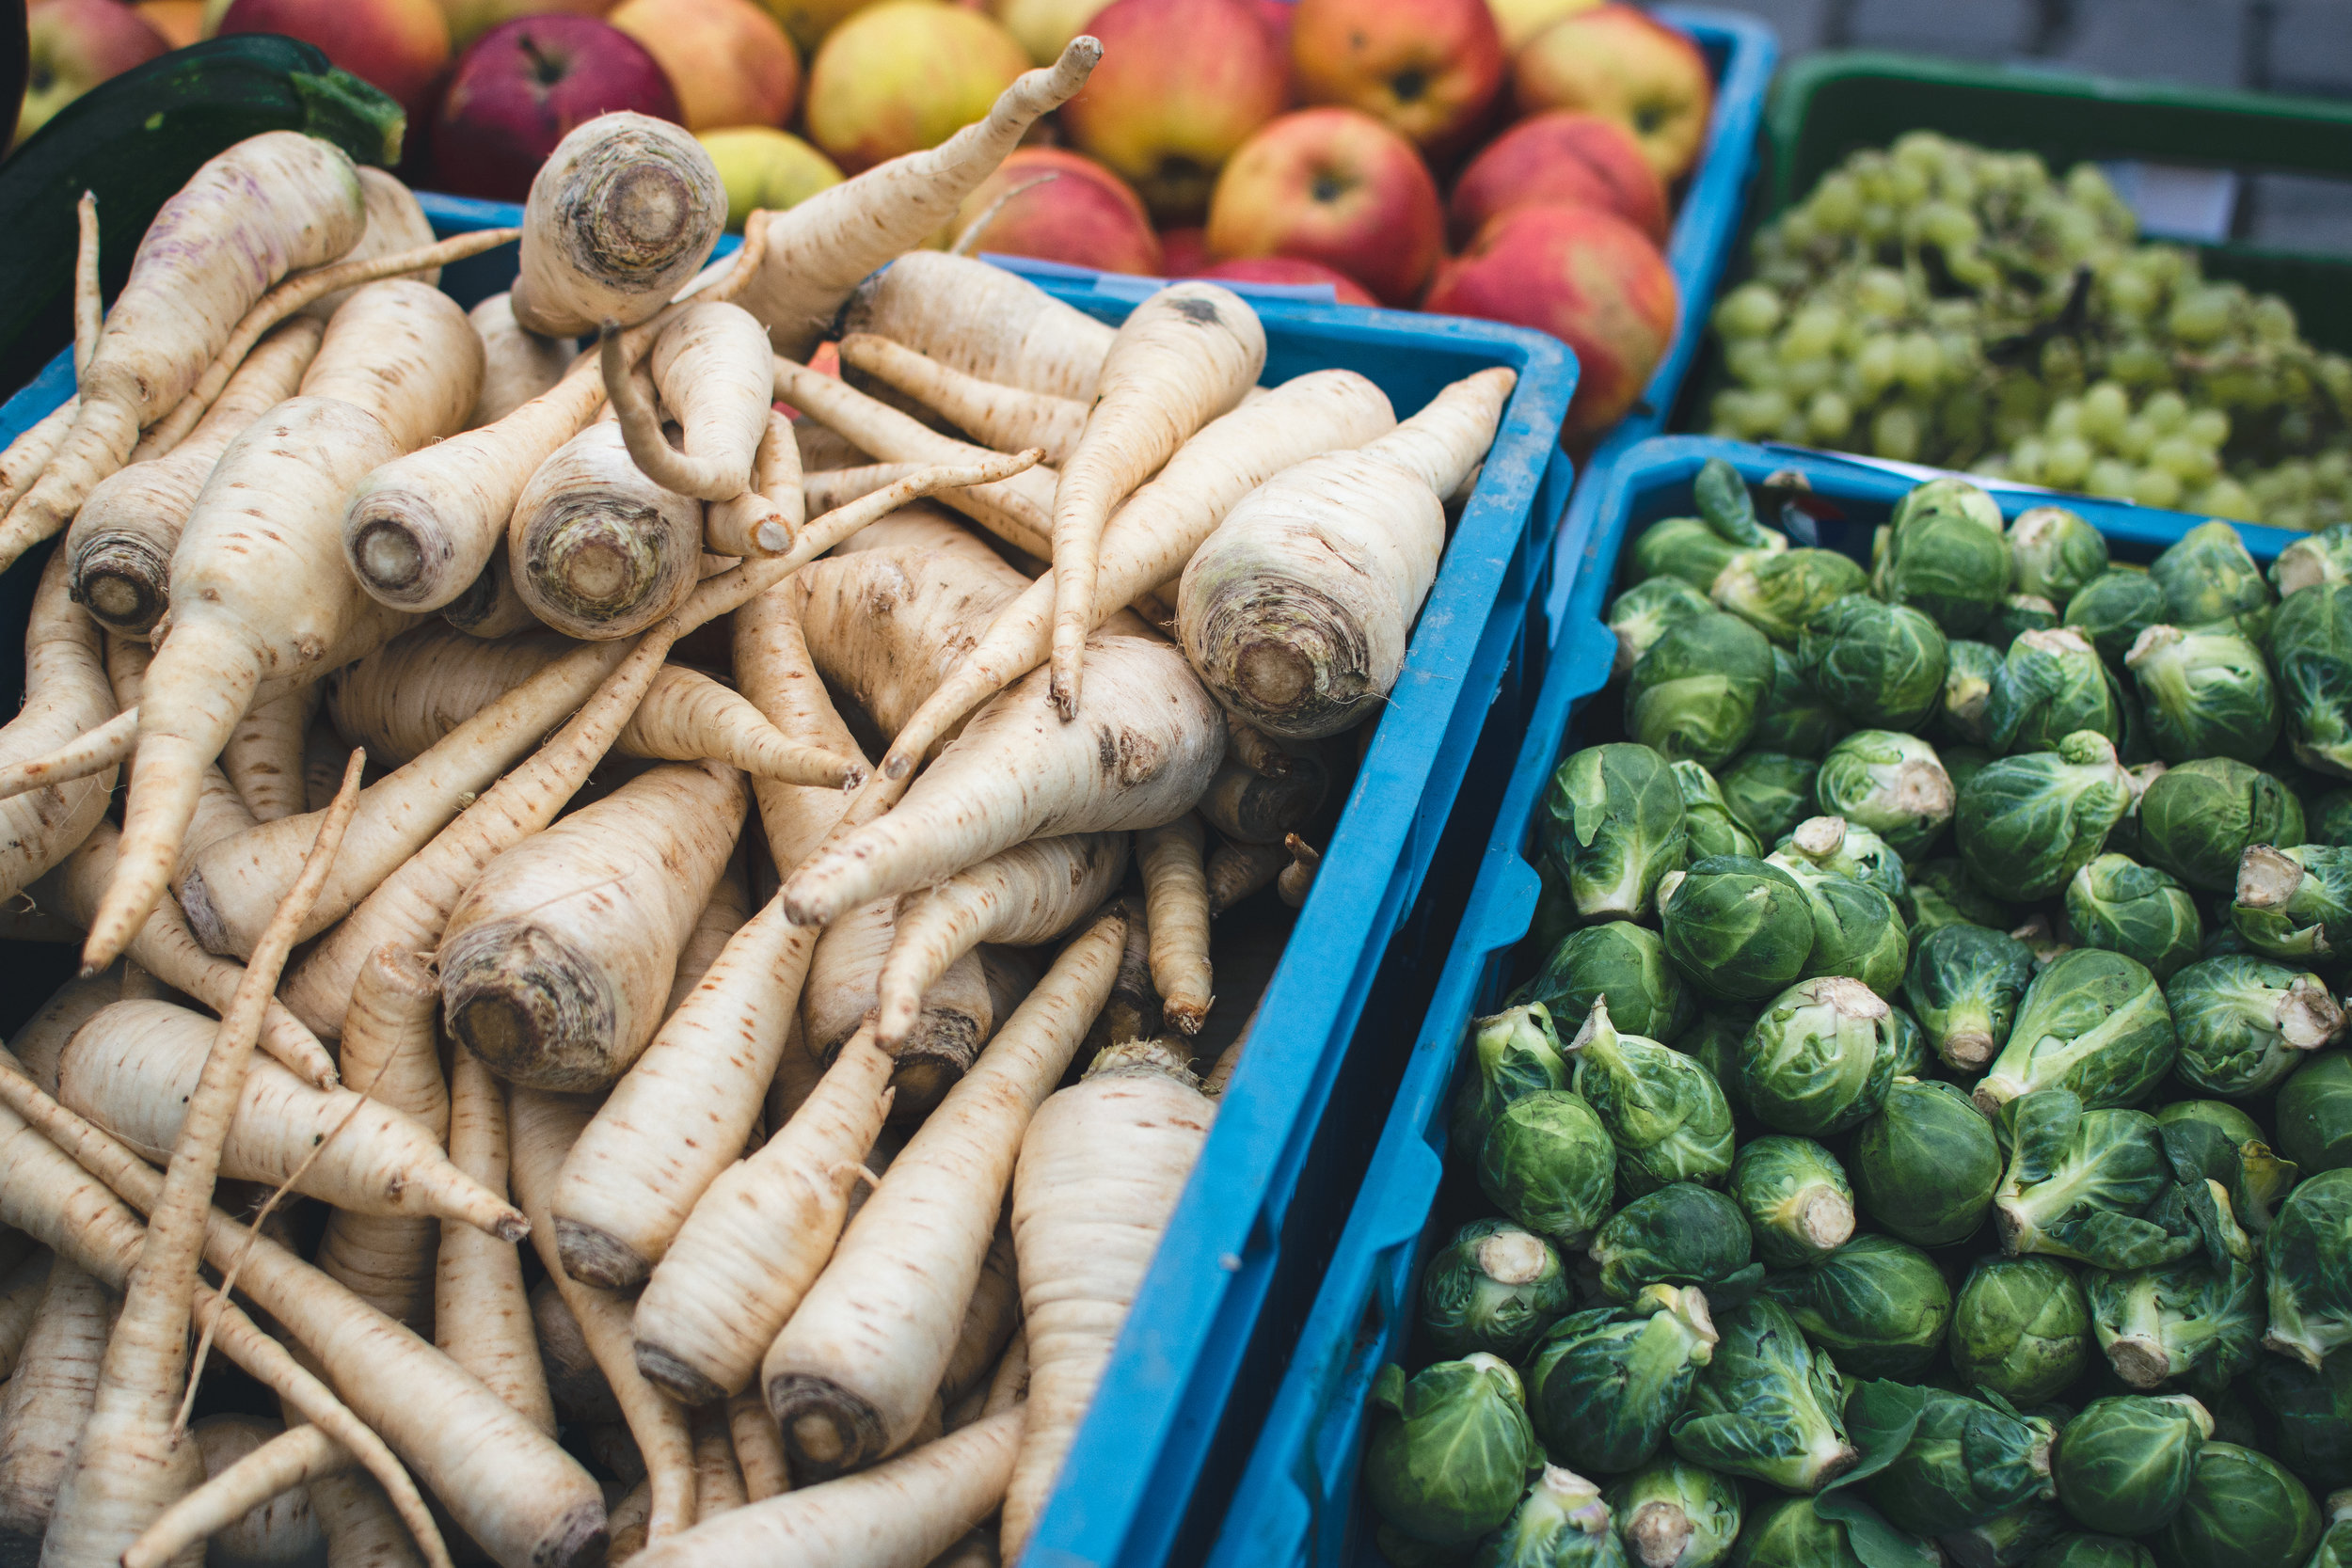 foodiesfeed.com_vegetables-at-farmers-market.jpg